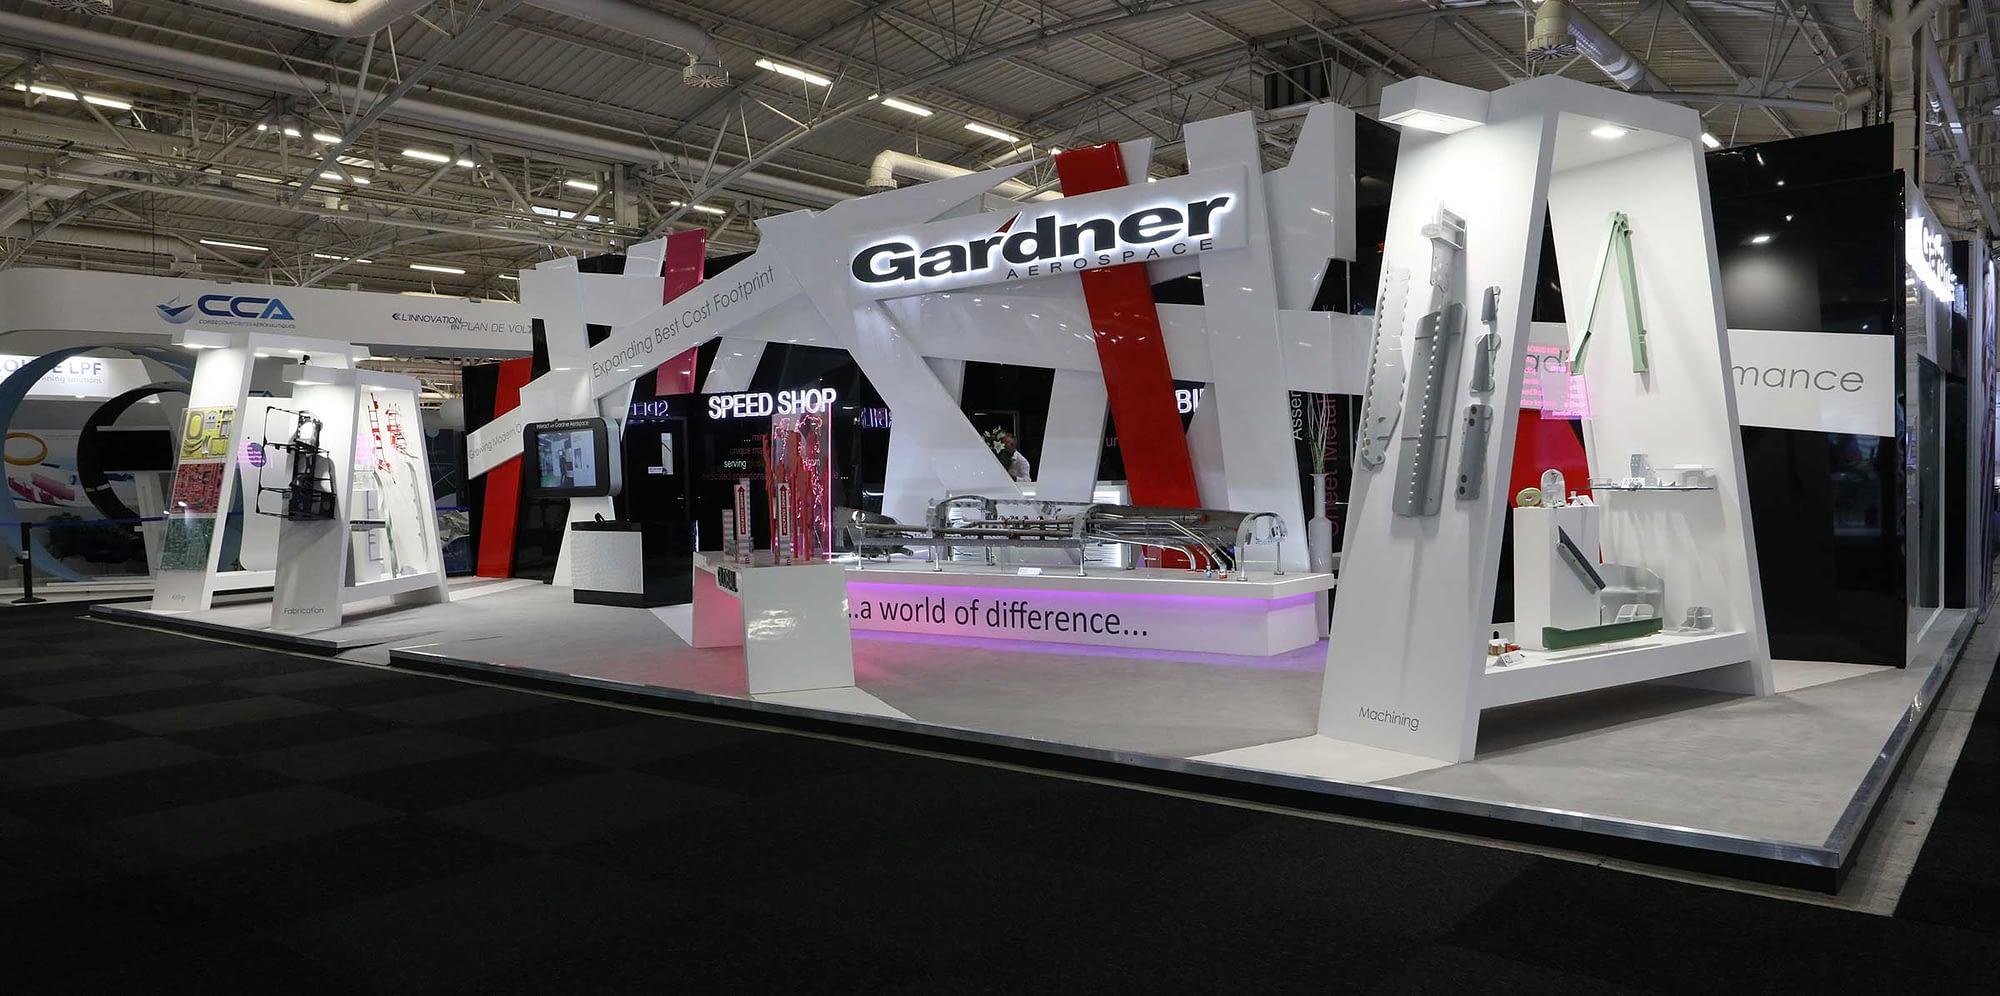 Gardener Aerospace